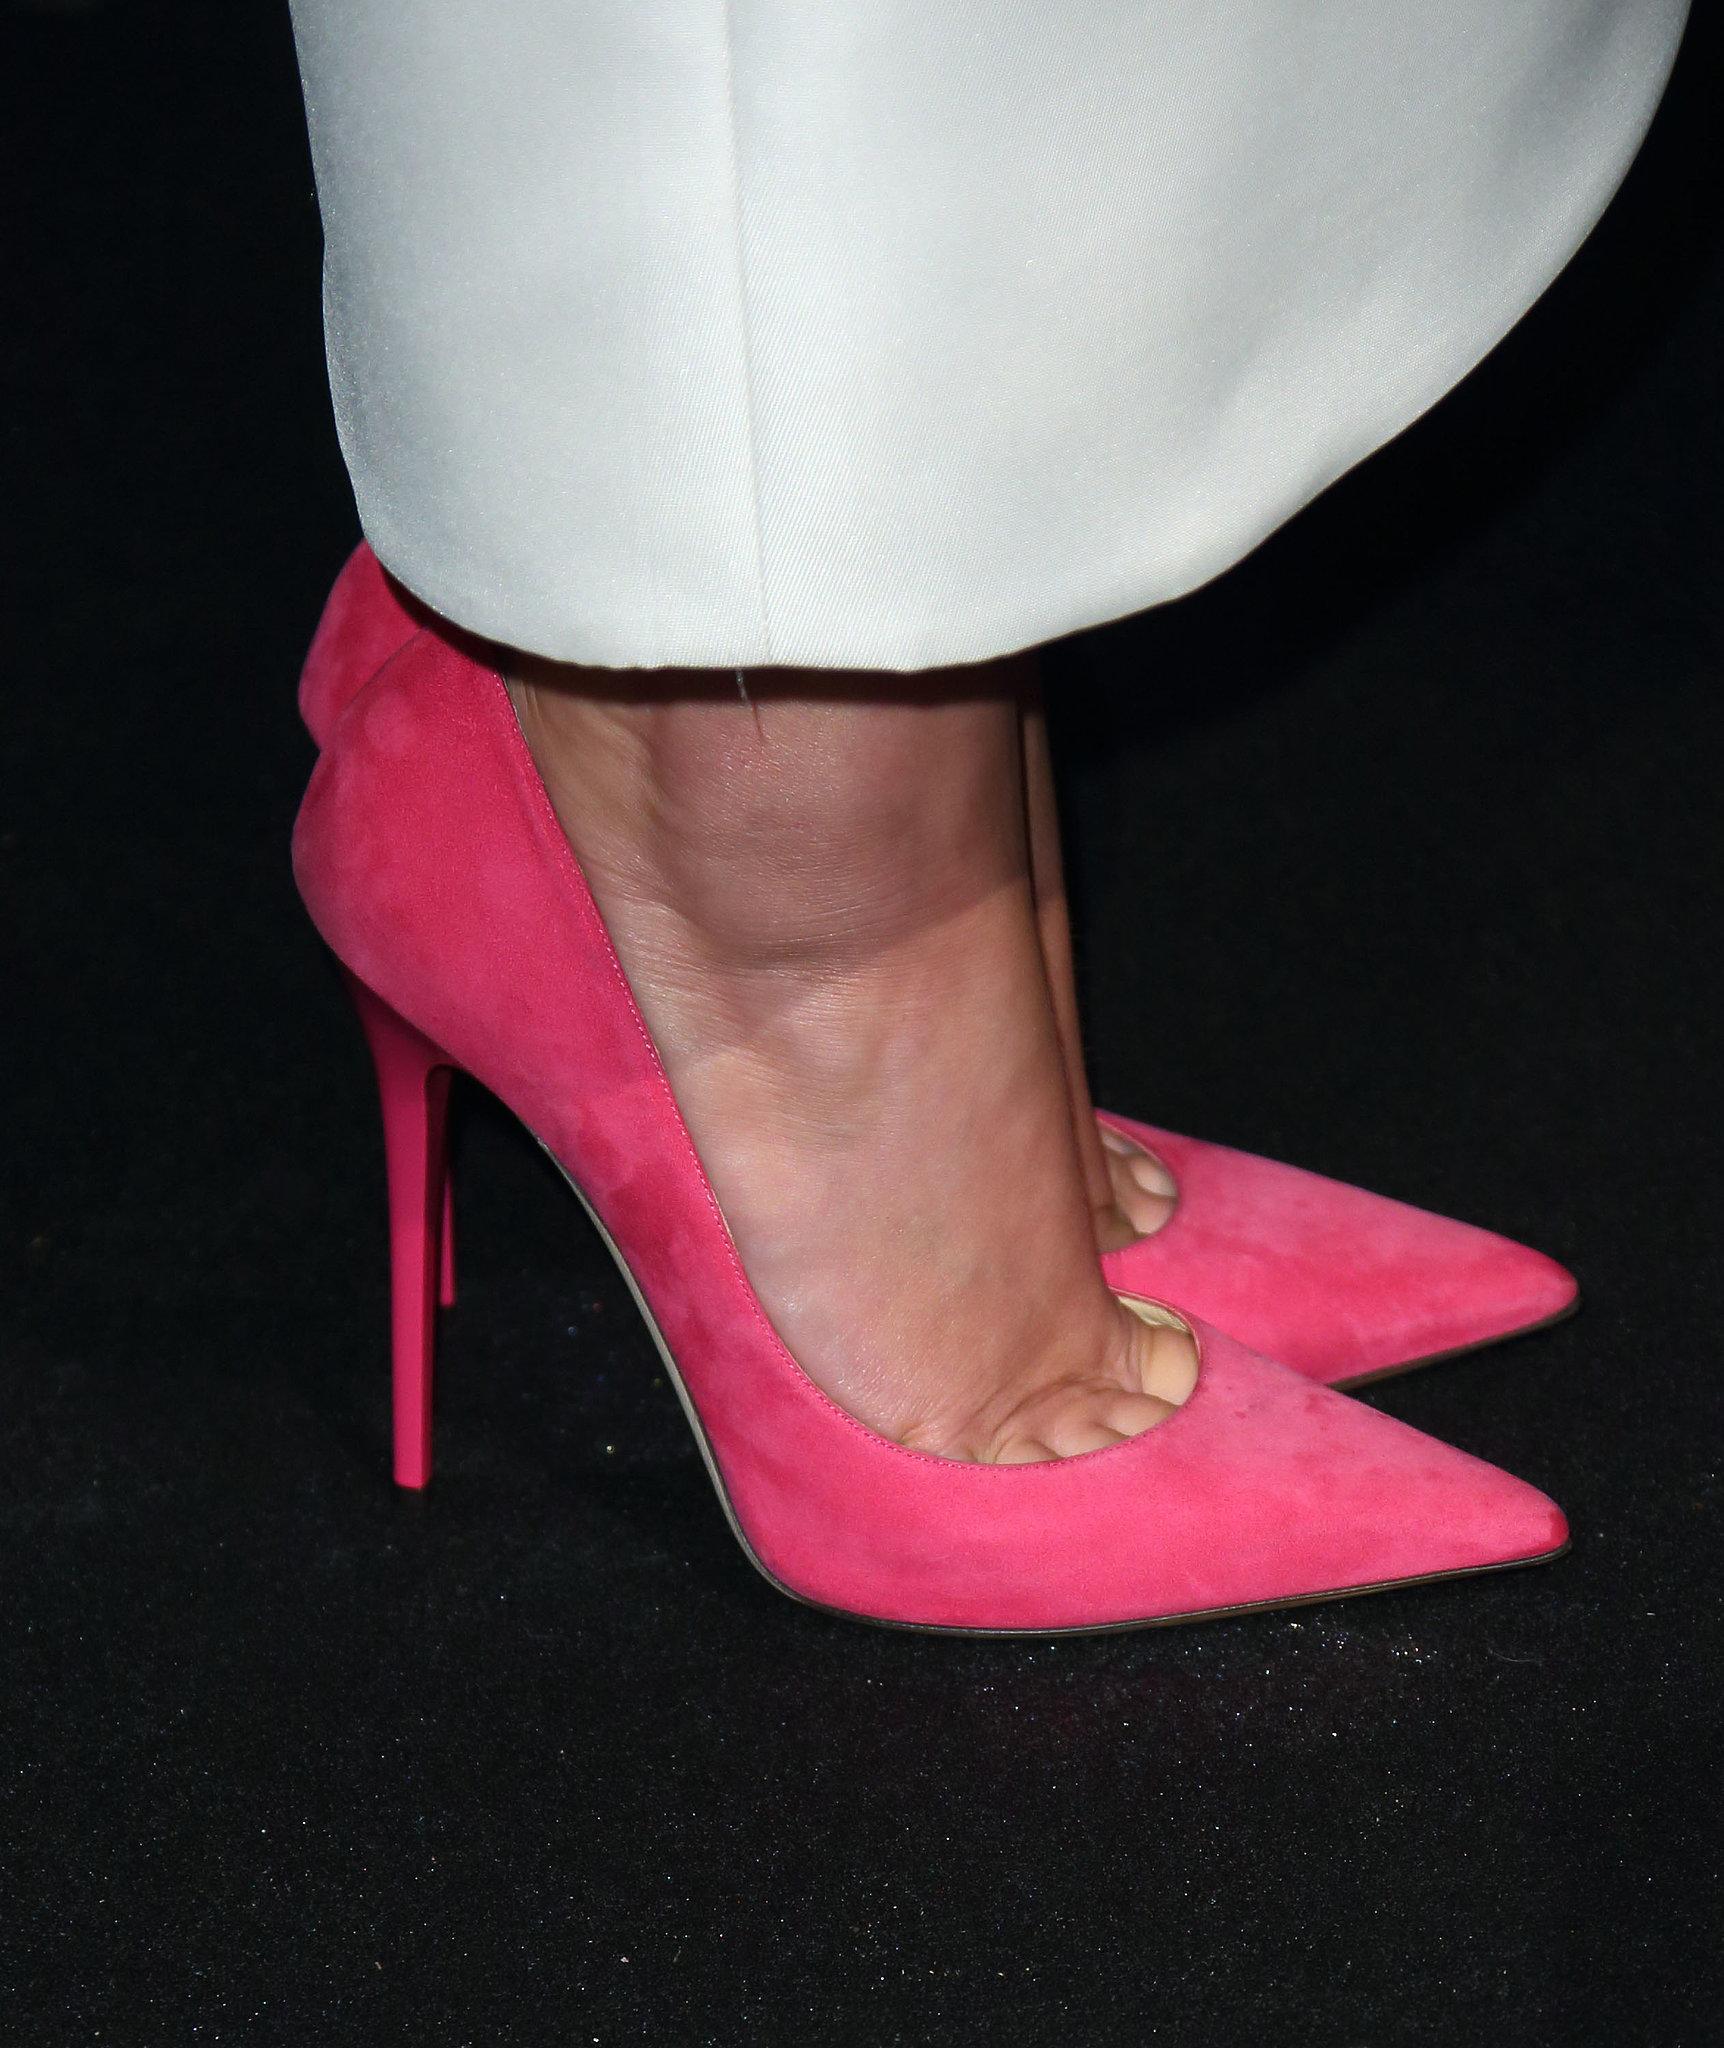 Czech Jimmy Choo Pumps - Fashion Photo Gallery 30557726 Image 30557757 Jennifer Lawrence Wore Bright Pink Jimmy Choo Pumps